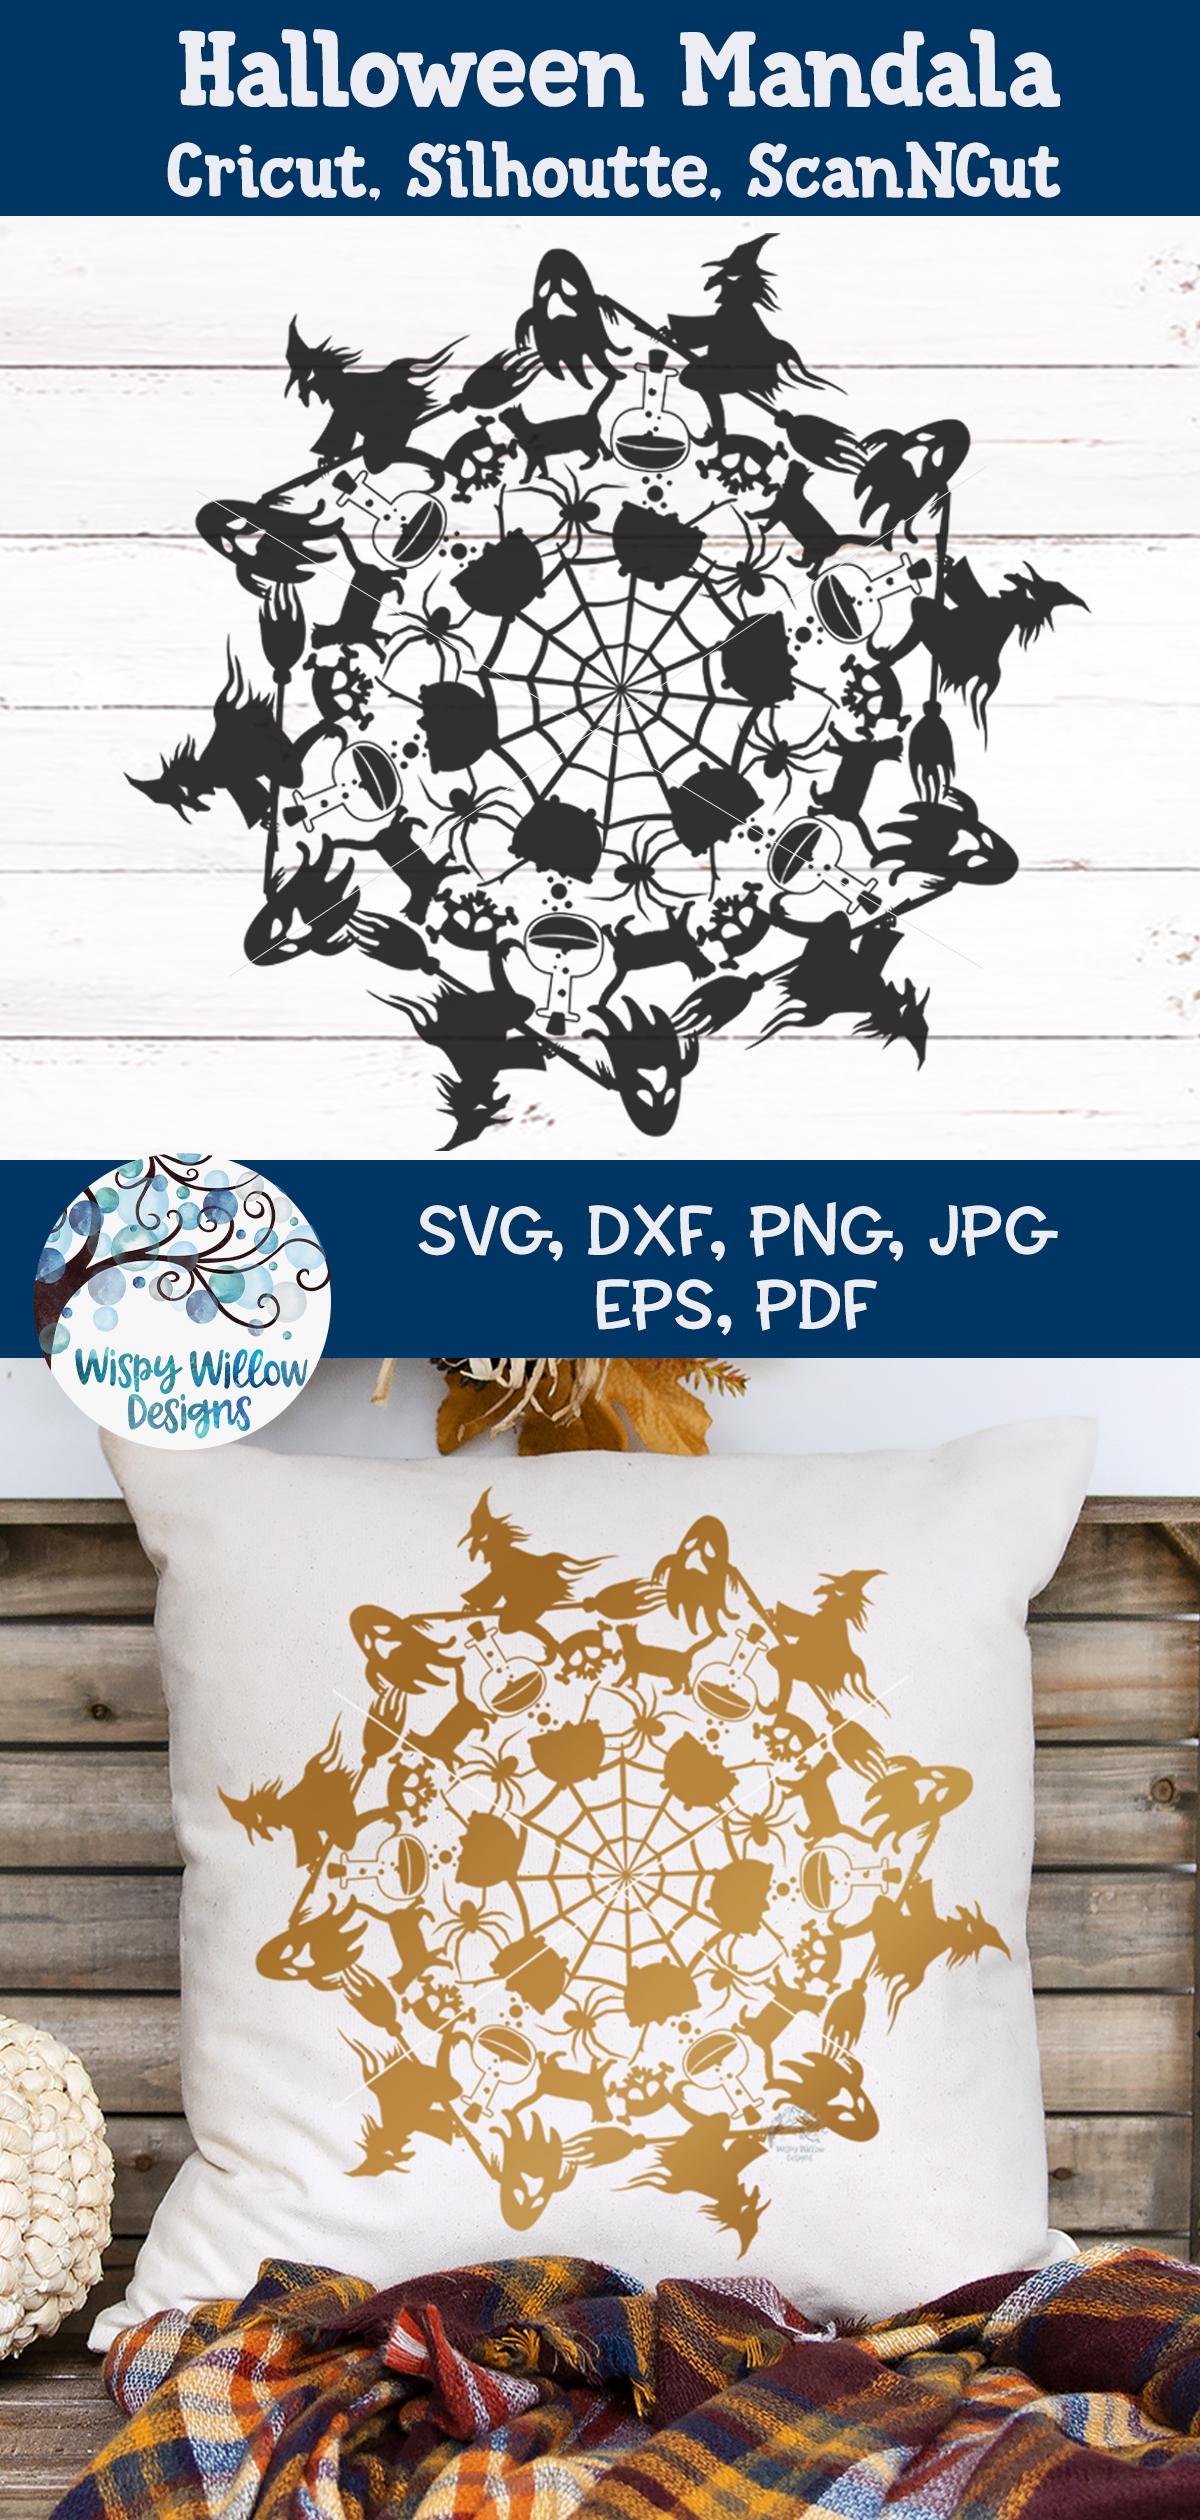 Halloween Mandala SVG | Fall Mandala SVG | Fall SVG Cut File example image 3